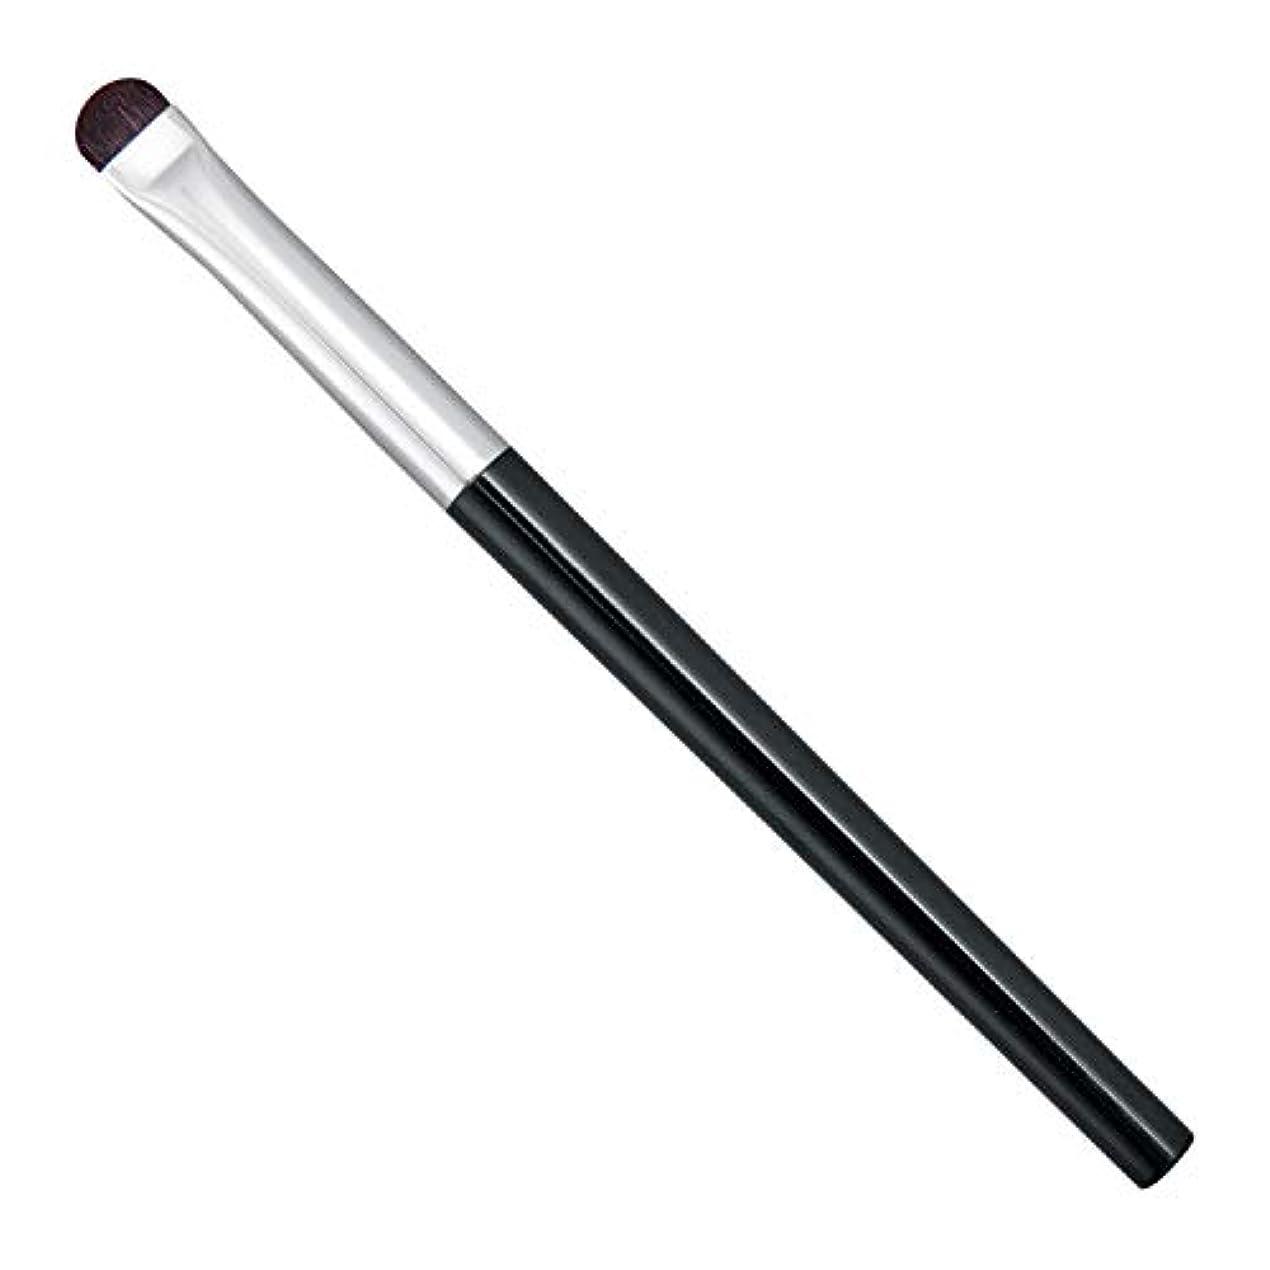 より多いメイドヘッドレス描きやすいアイメイクブラシ 熊野筆 アイシャドウ アイライナー 馬毛